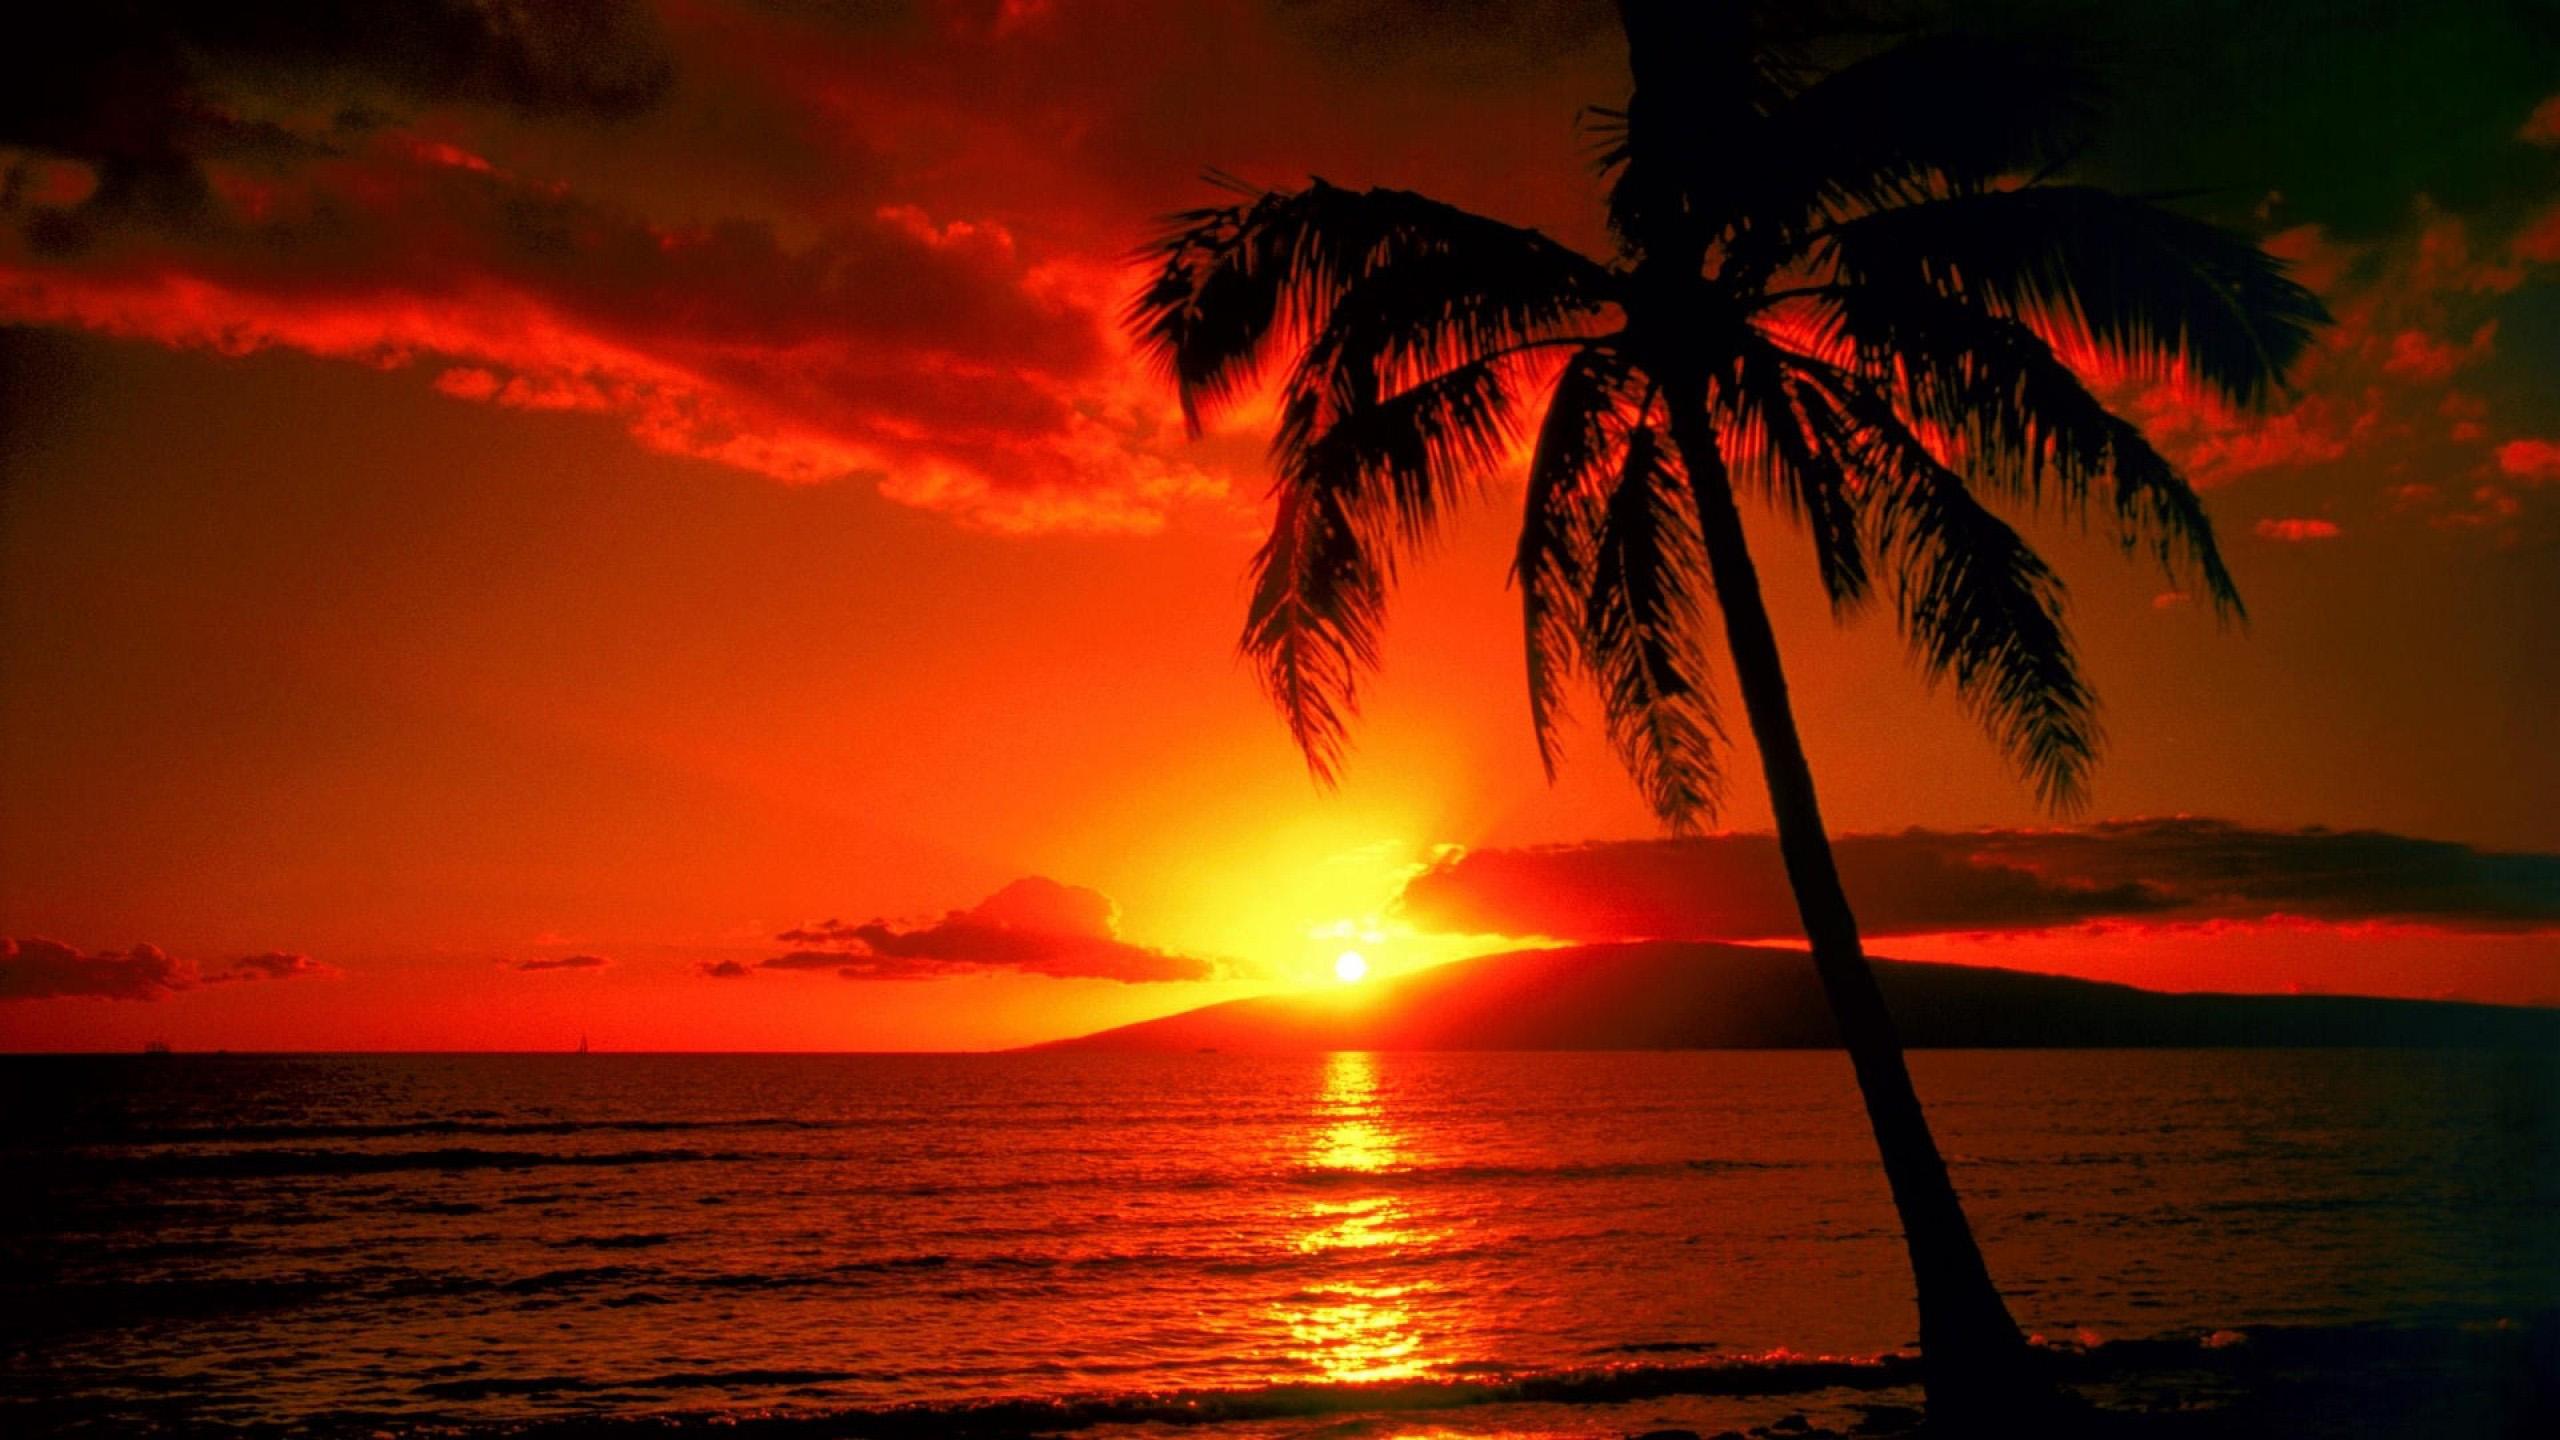 HawaiiSunsetHoneymoon.jpg